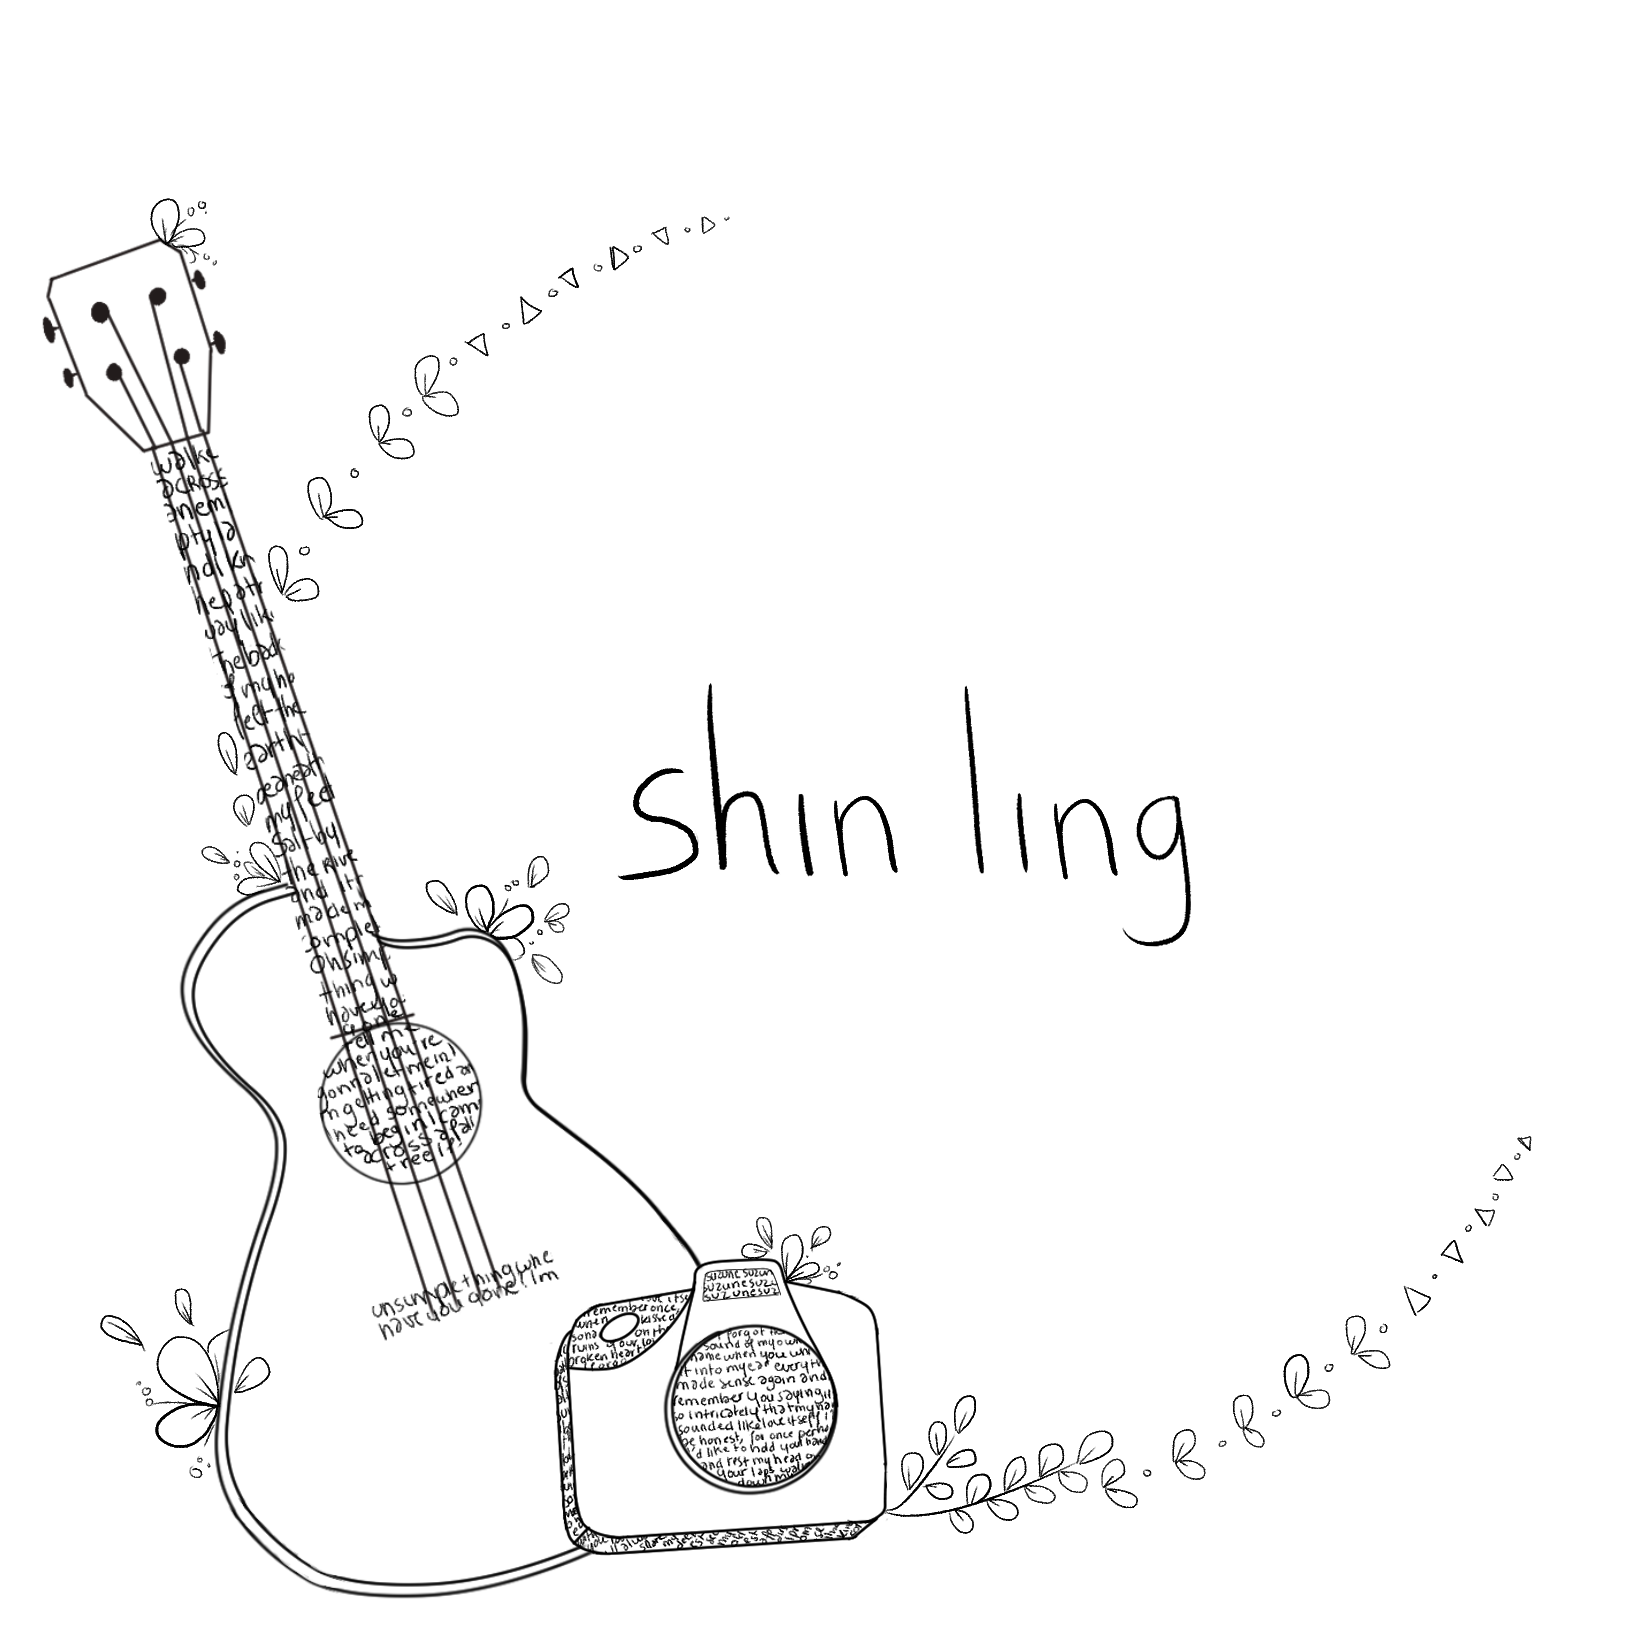 Shin Ling